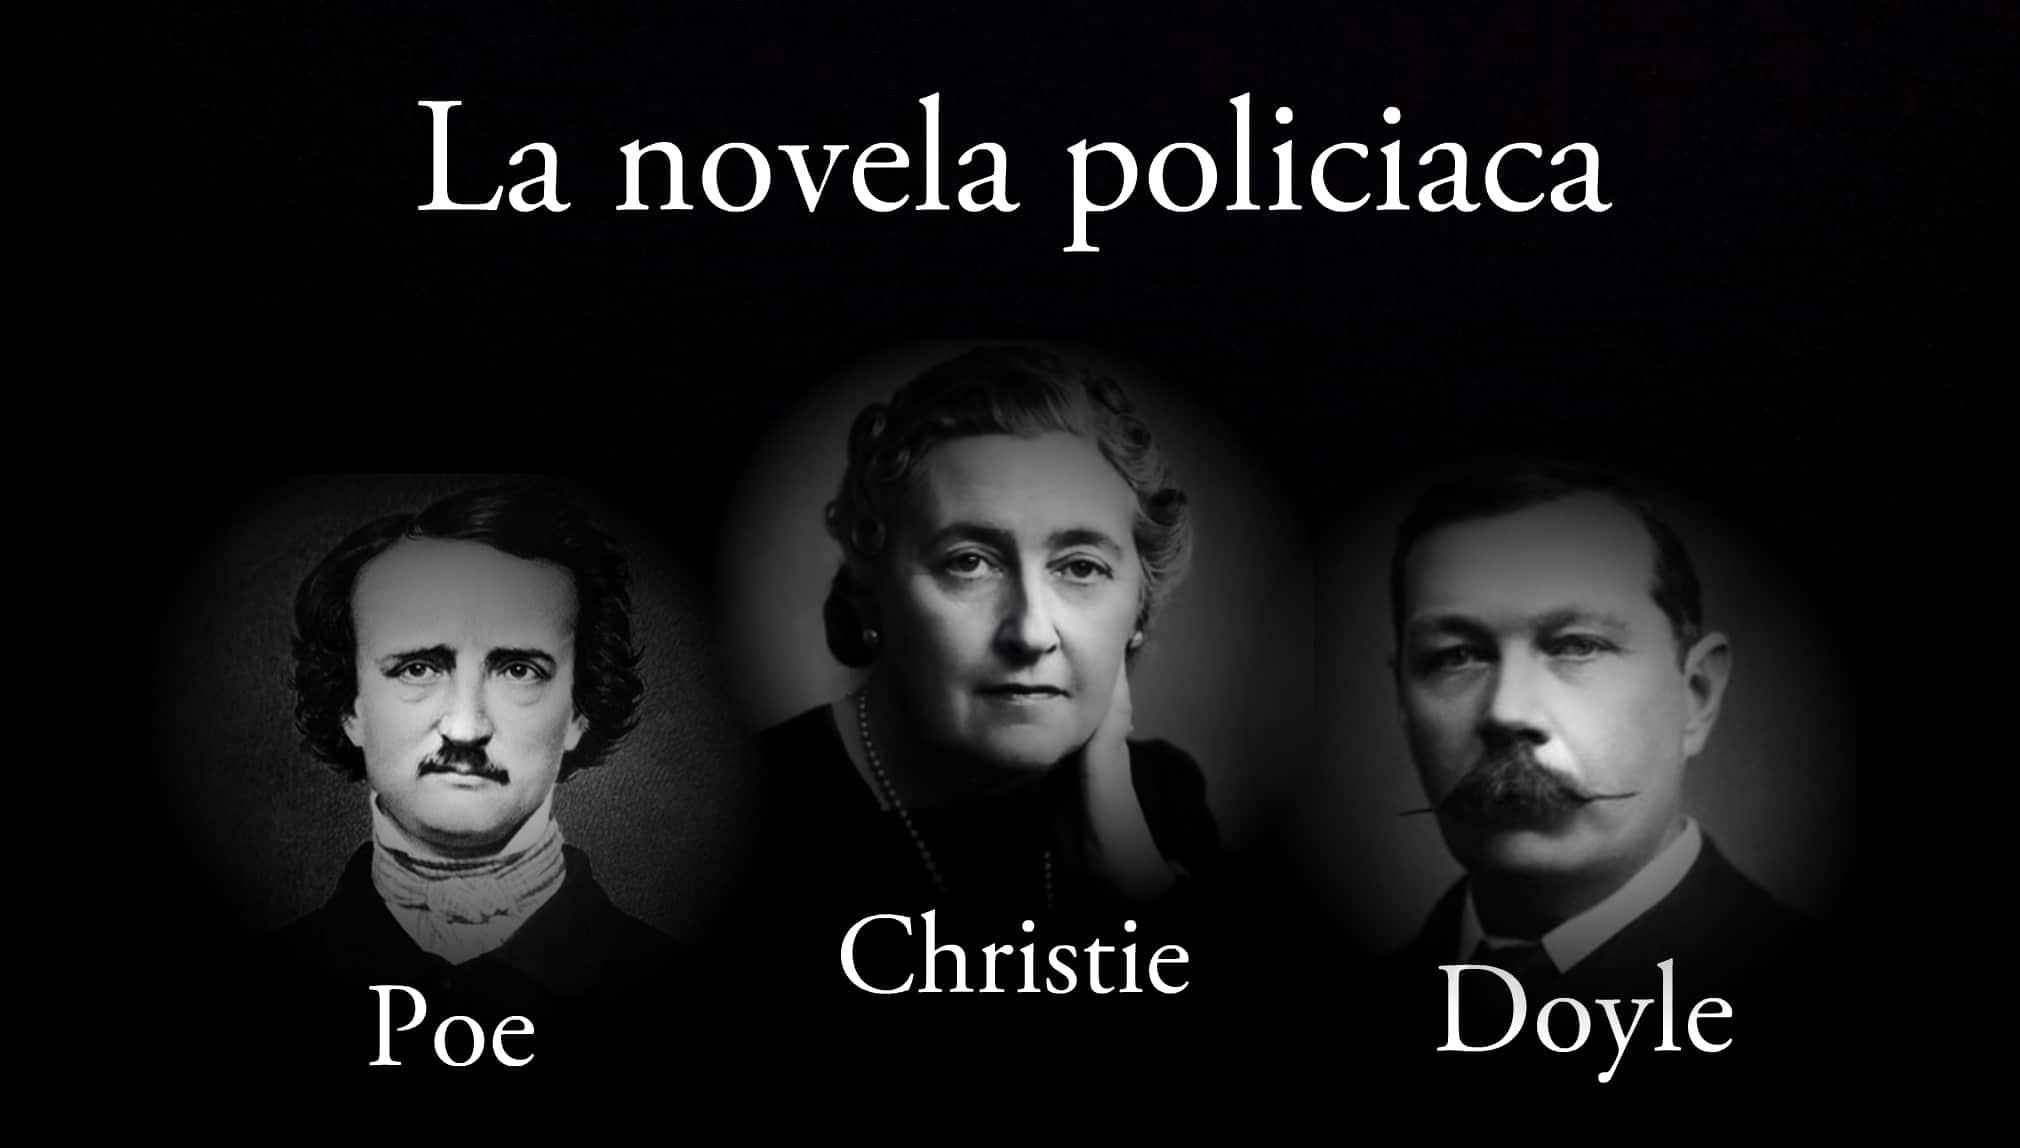 La novela policiaca.